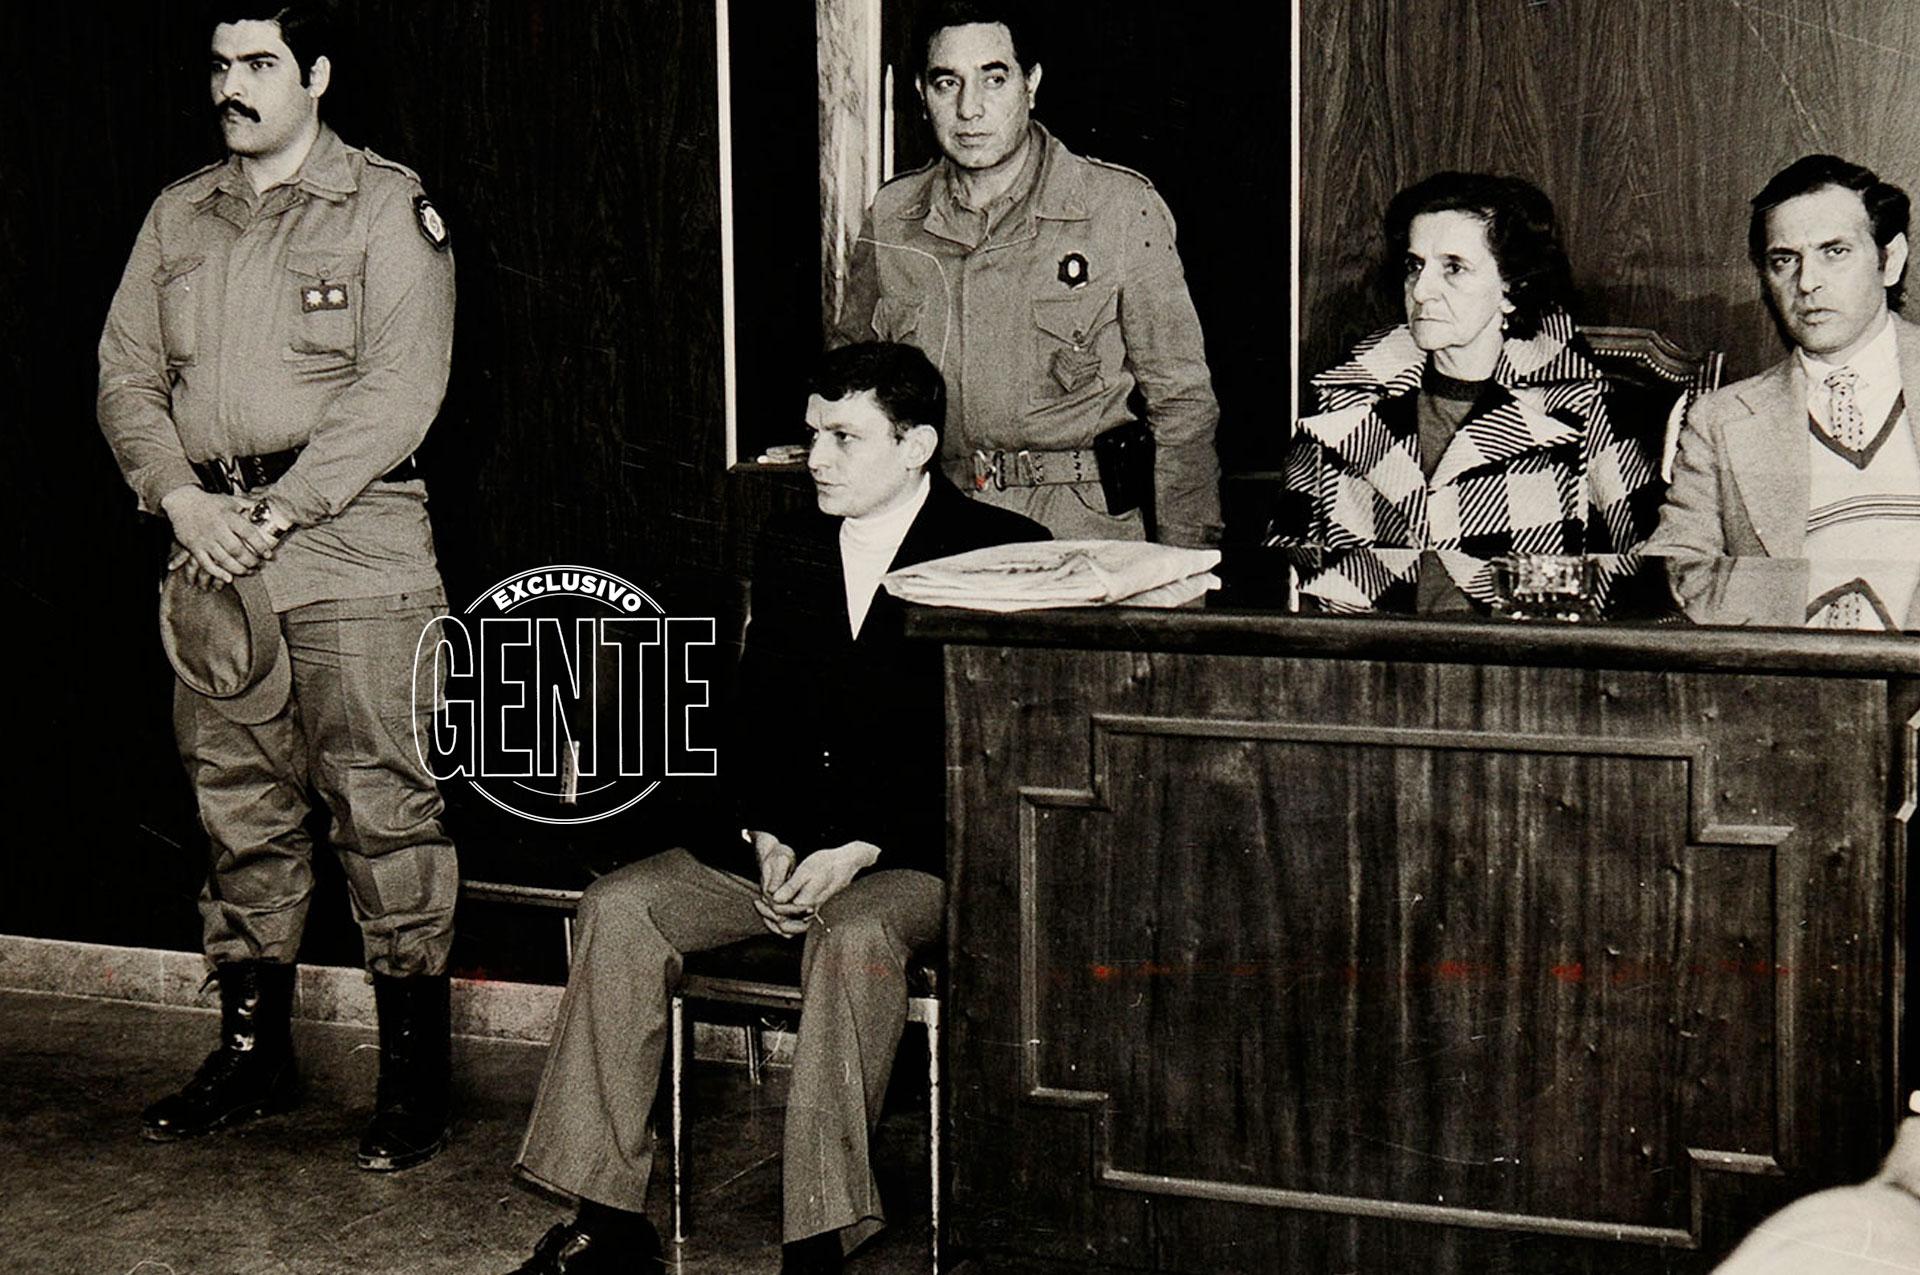 """El juicio recién se llevó a cabo en 1980: enfrentó 36 cargos y fue condenado a cadena perpetua. """"Esto es una farsa"""", desafió, siempre altanero."""